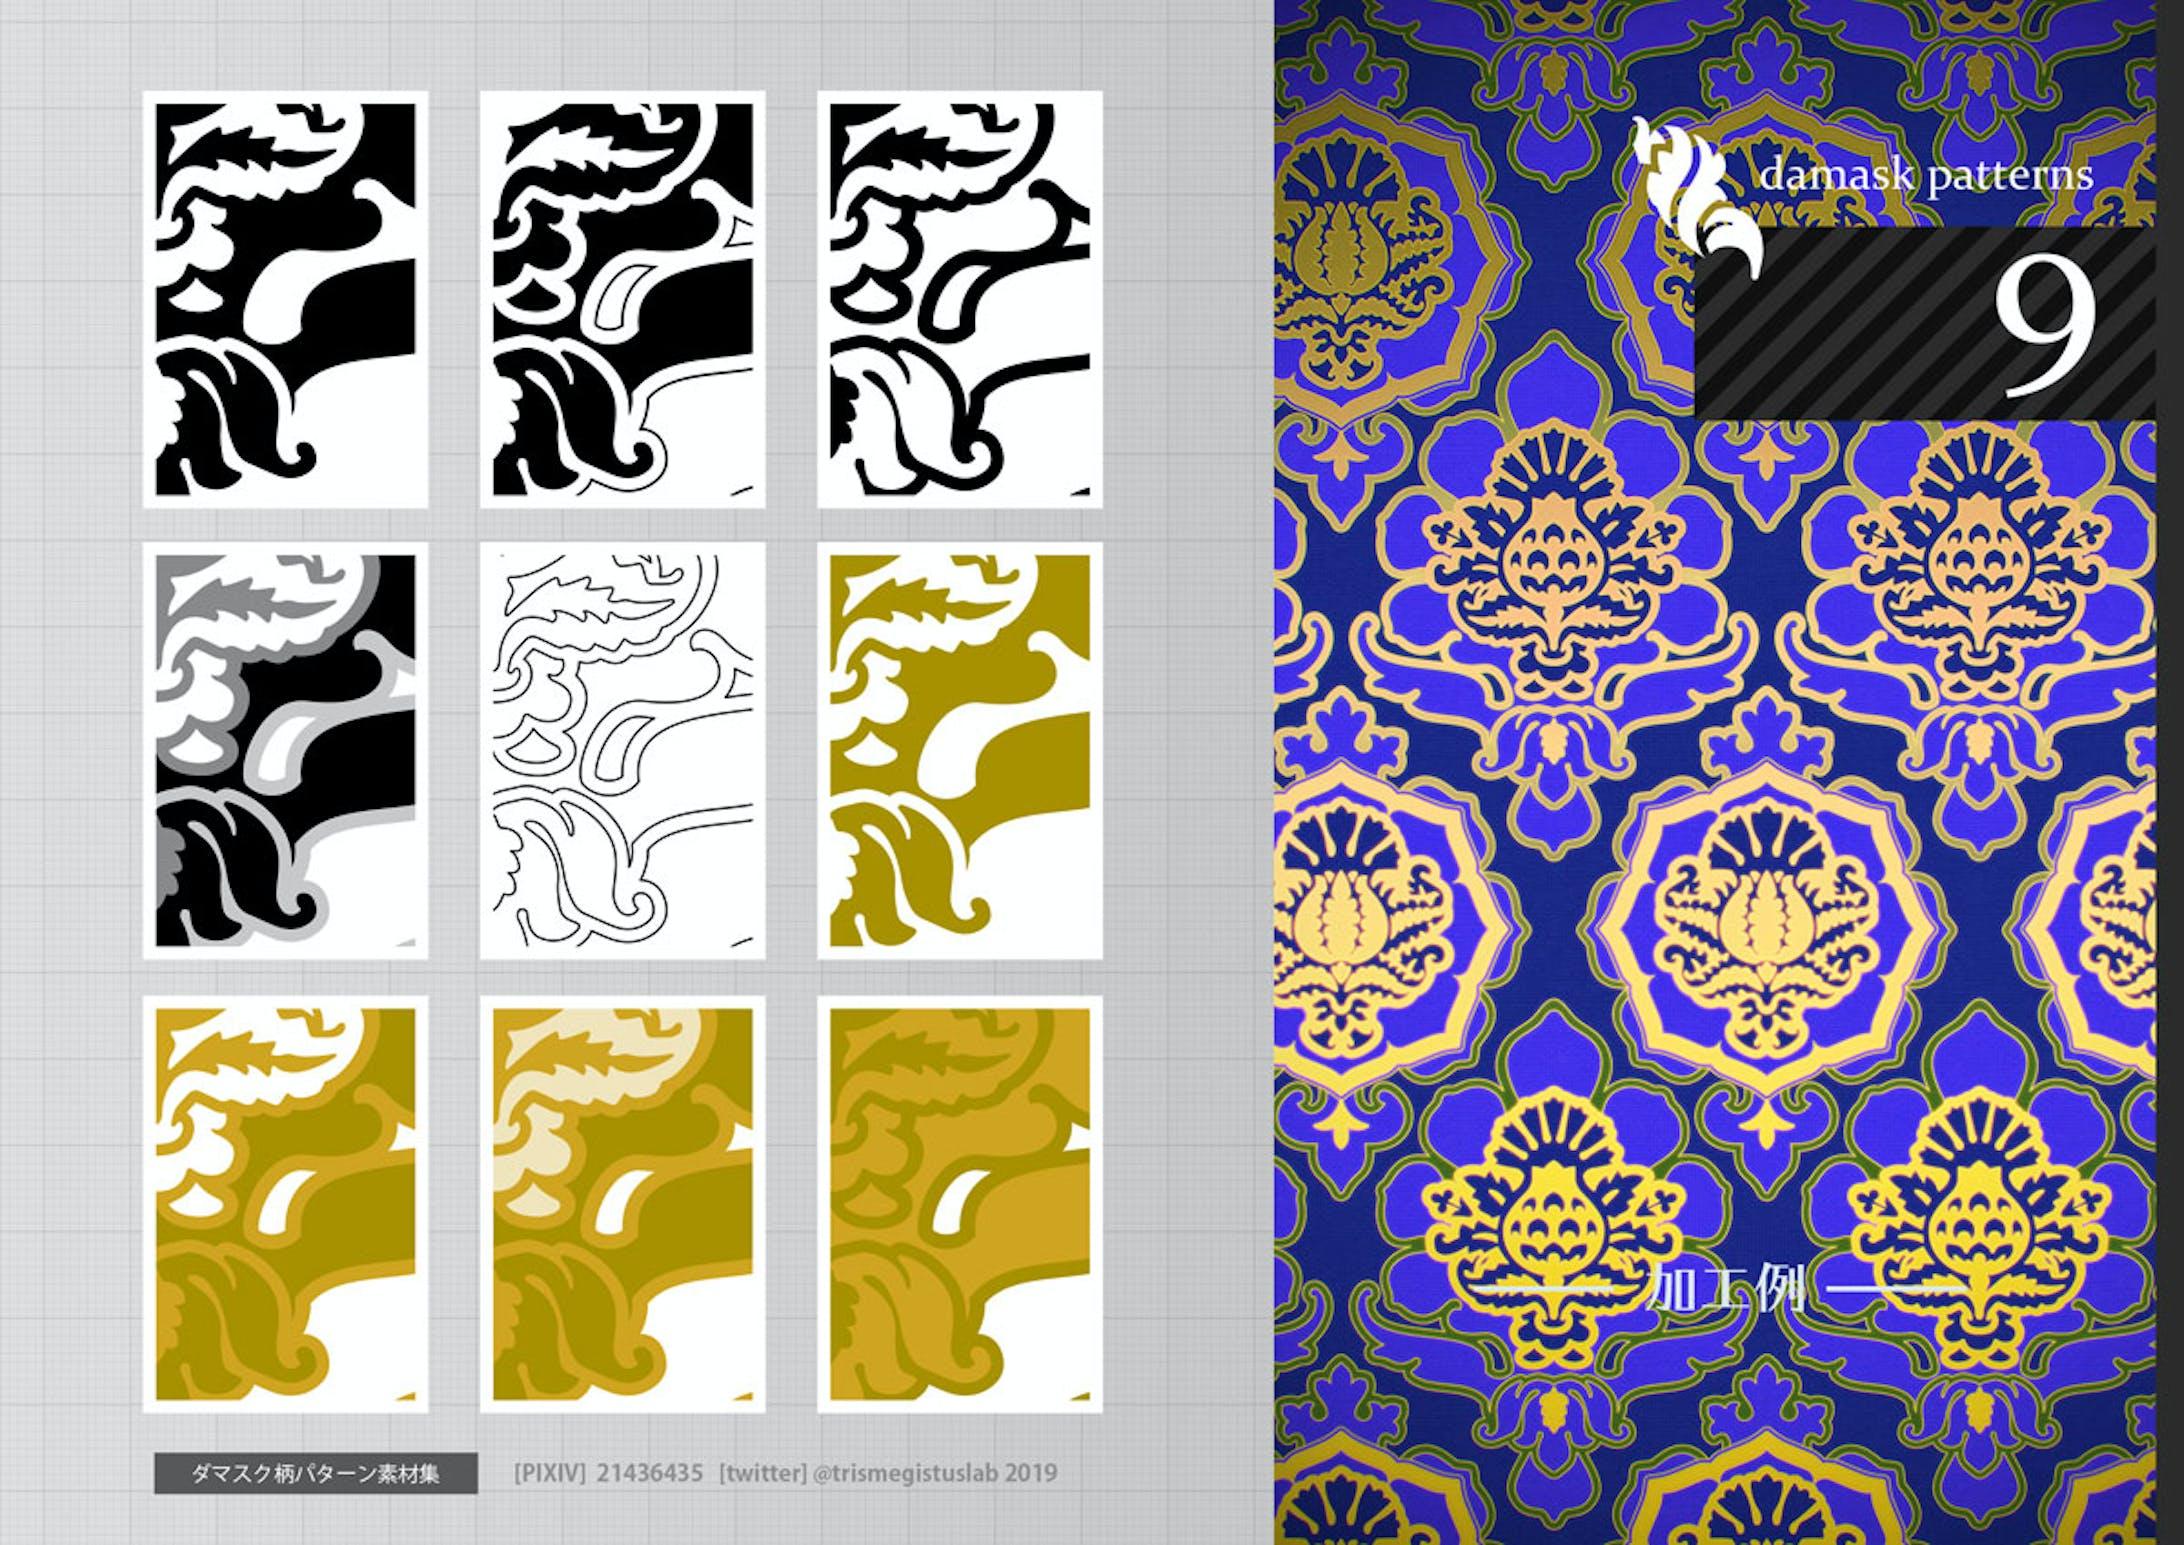 Illustratorでのシームレスパターン作成-10